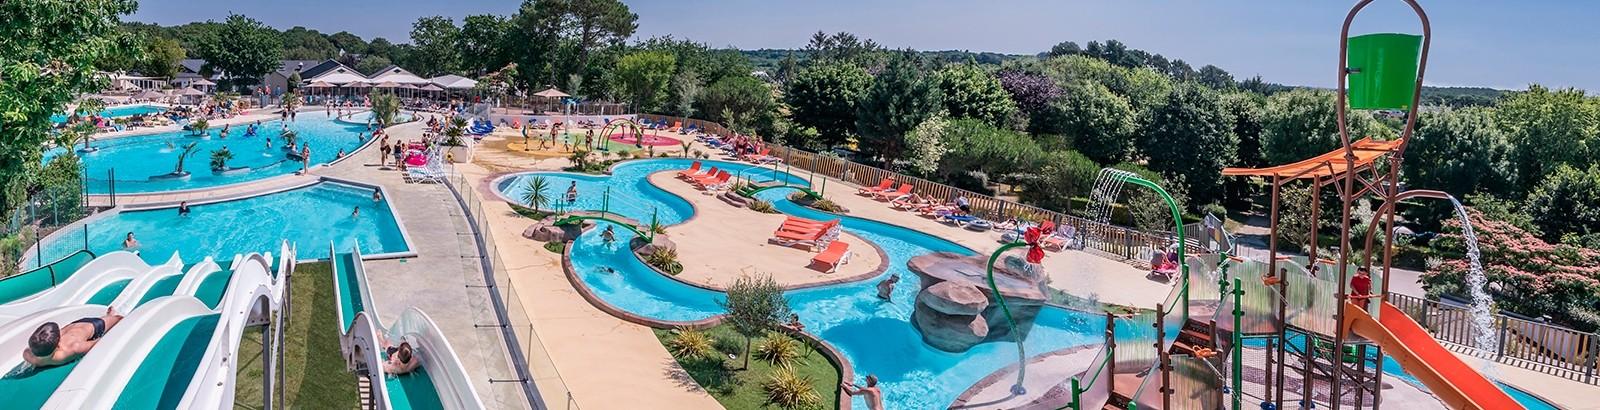 Nouveau parc aqualudique et parc aquatique XXL